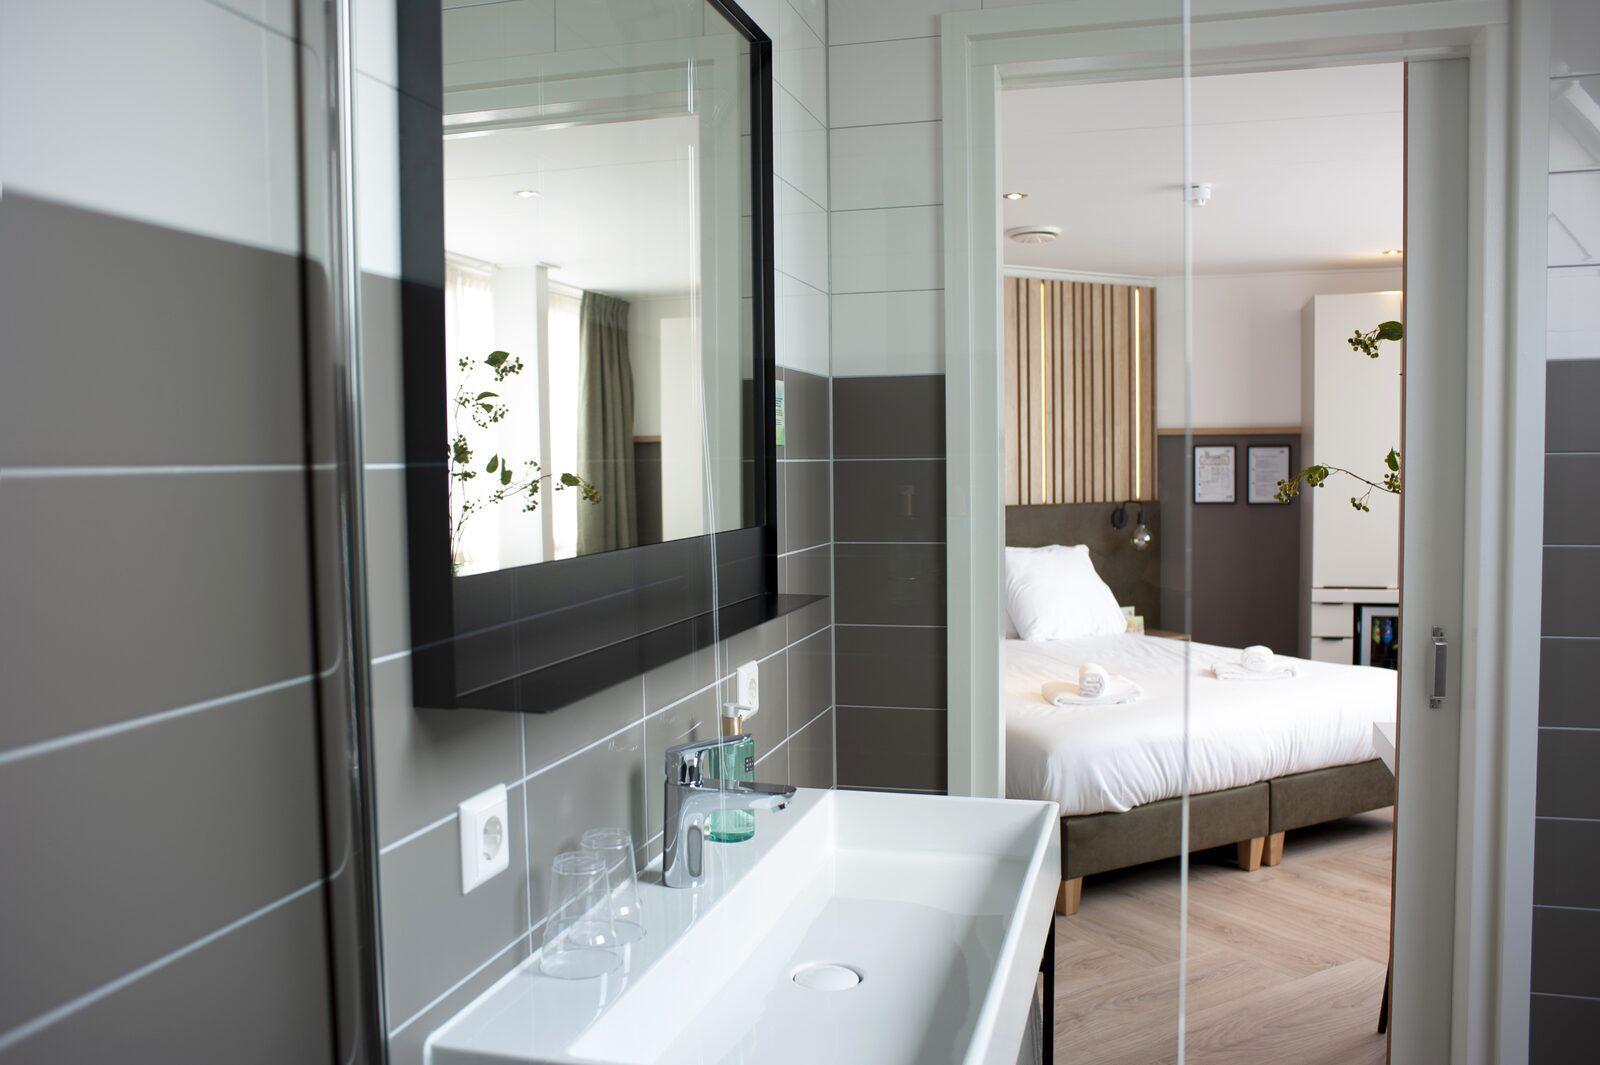 comfort, hotelkamer, voorthuizen, gelderland, hotel, kamer, boshoek, de boshoek, vakantie